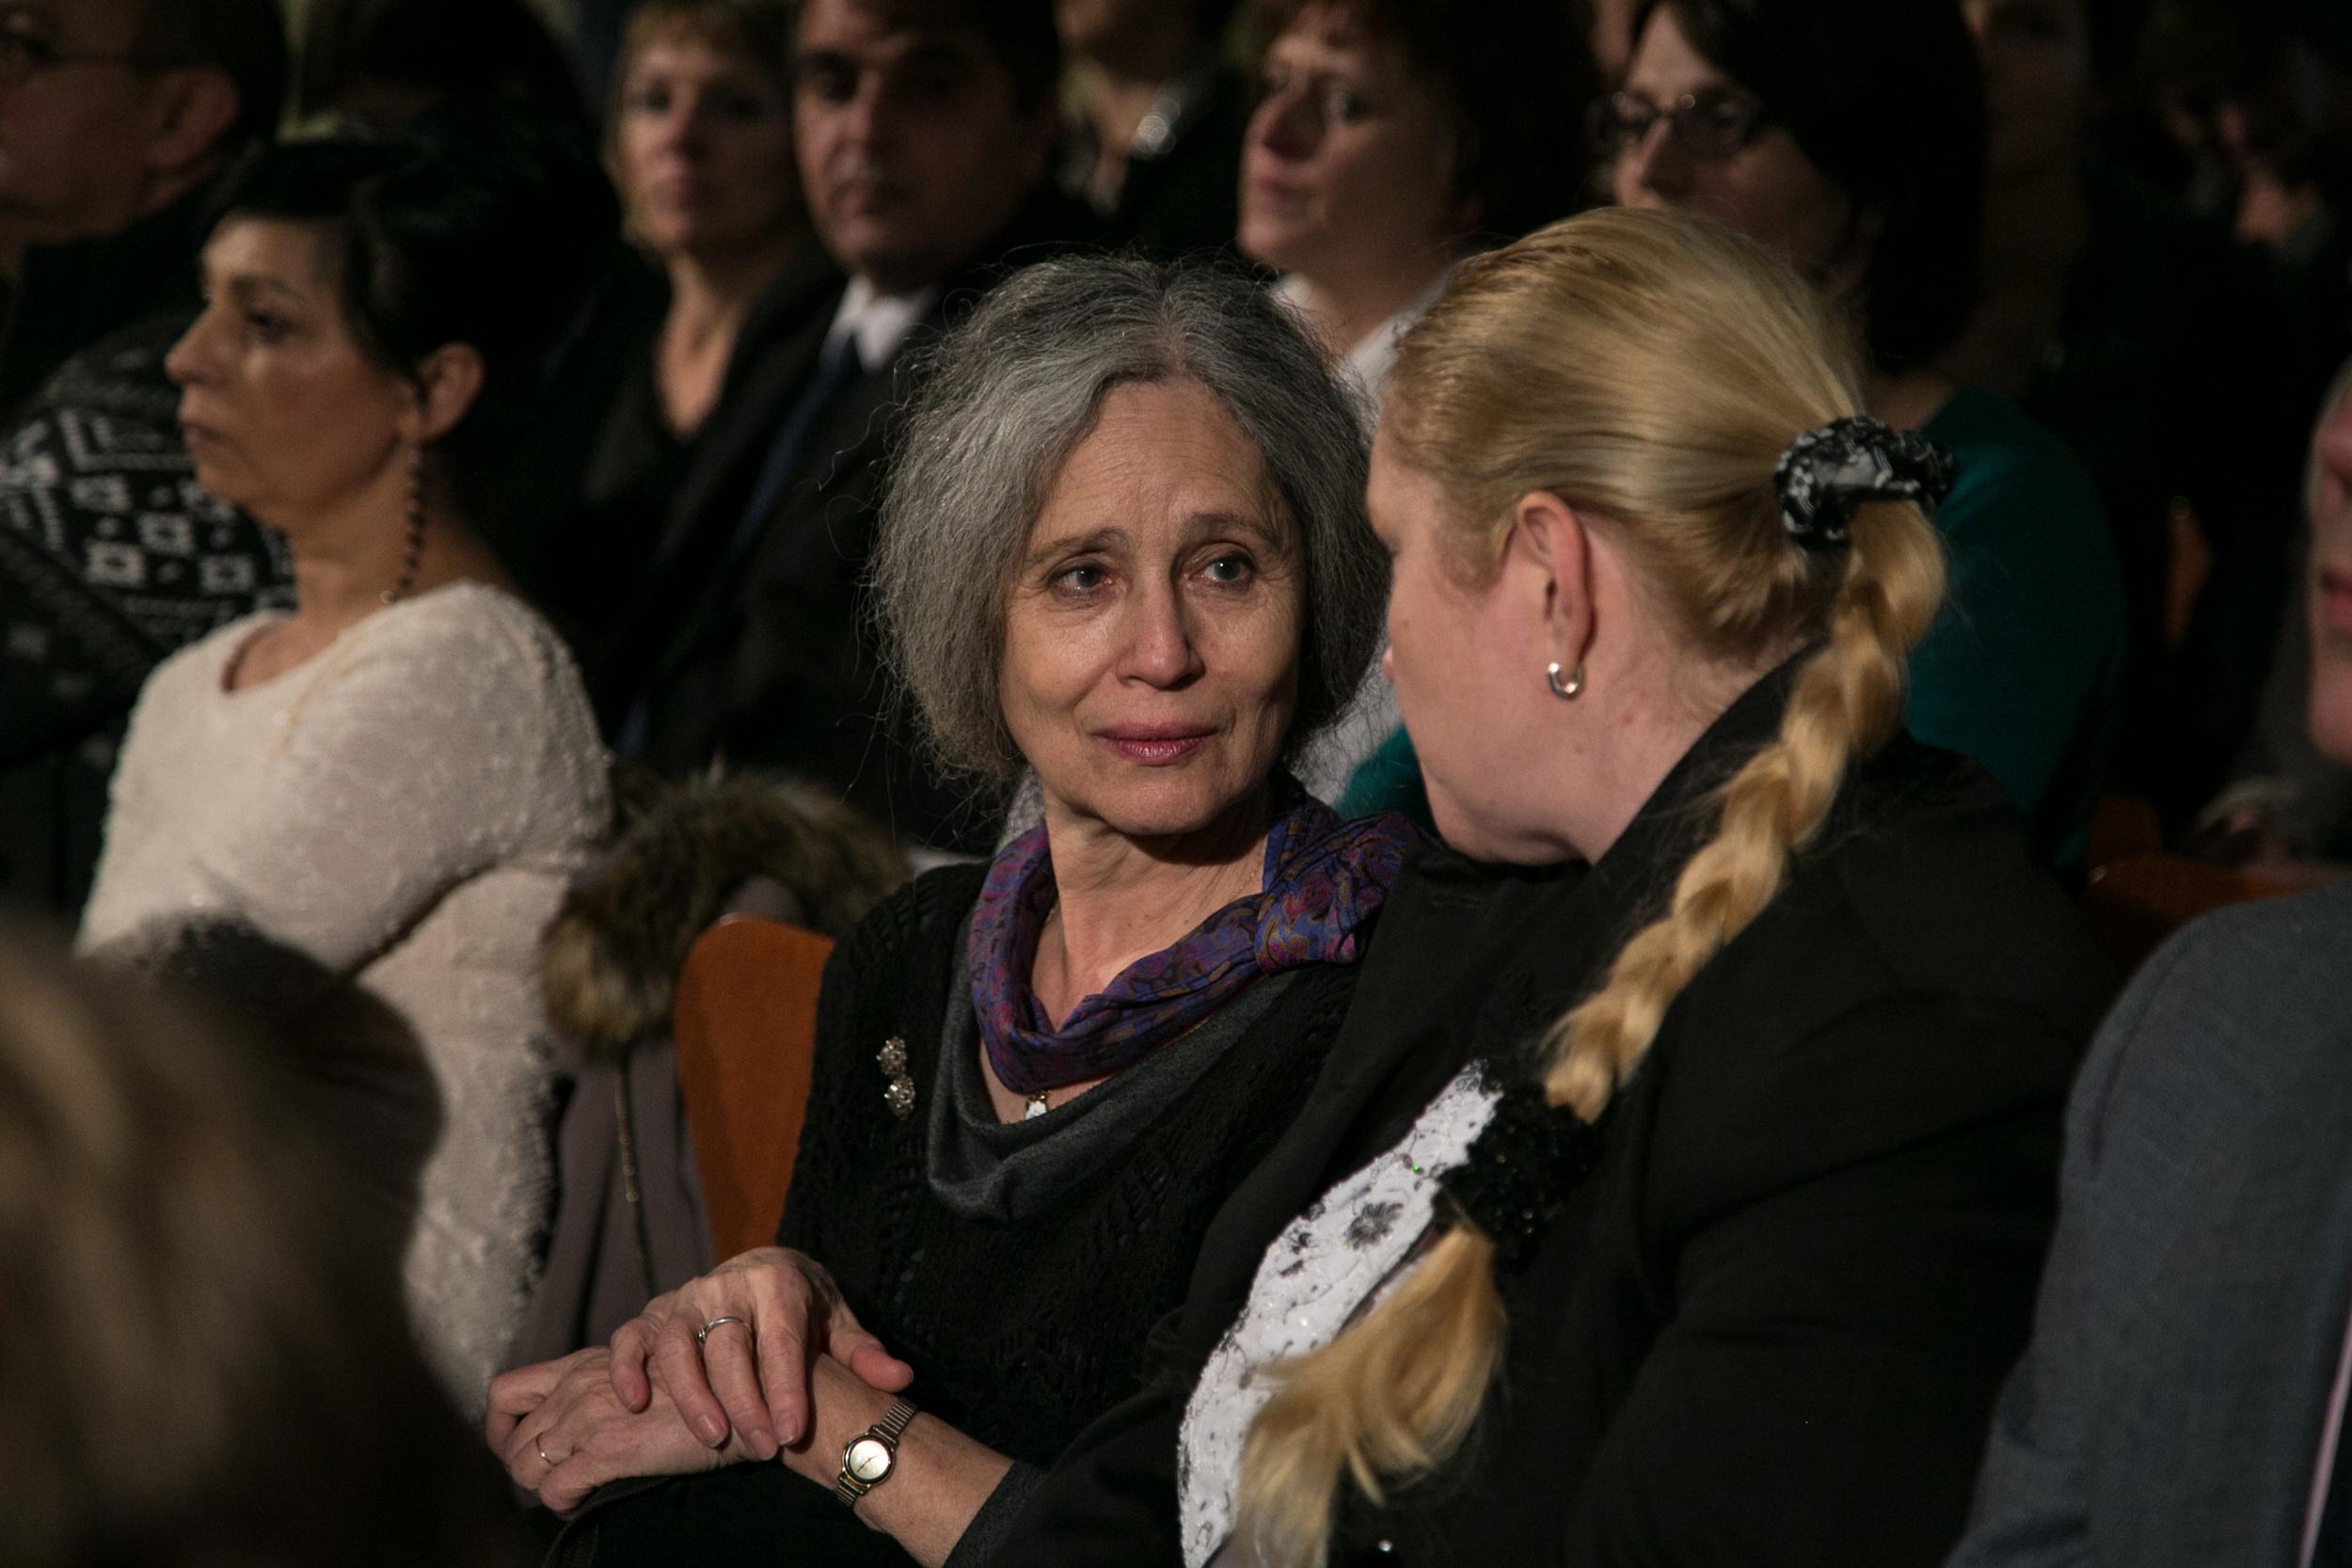 Mezi hosty byla i Taťana Fischerová s Lucií Rybovou, ředitelkou Českého helsinského výboru